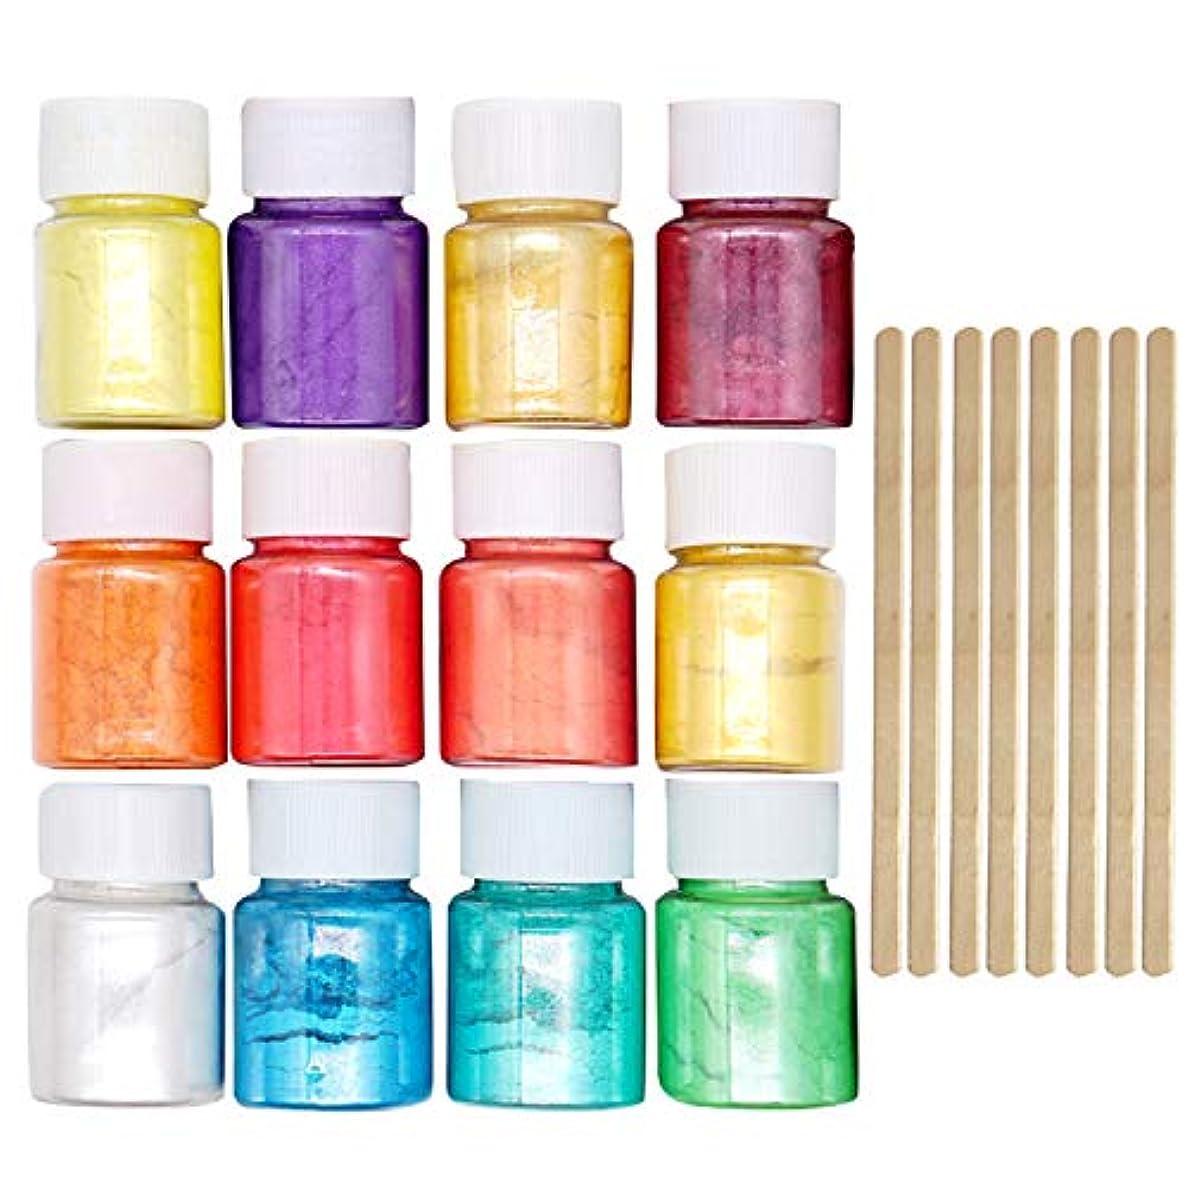 行うソビエトアセンブリマイカパウダー Migavan マイカパールパウダー 12色着色剤顔料雲母真珠パウダーで8ピース木製攪拌棒diyネイルアートクラフトプロジェクトスライム作り用品